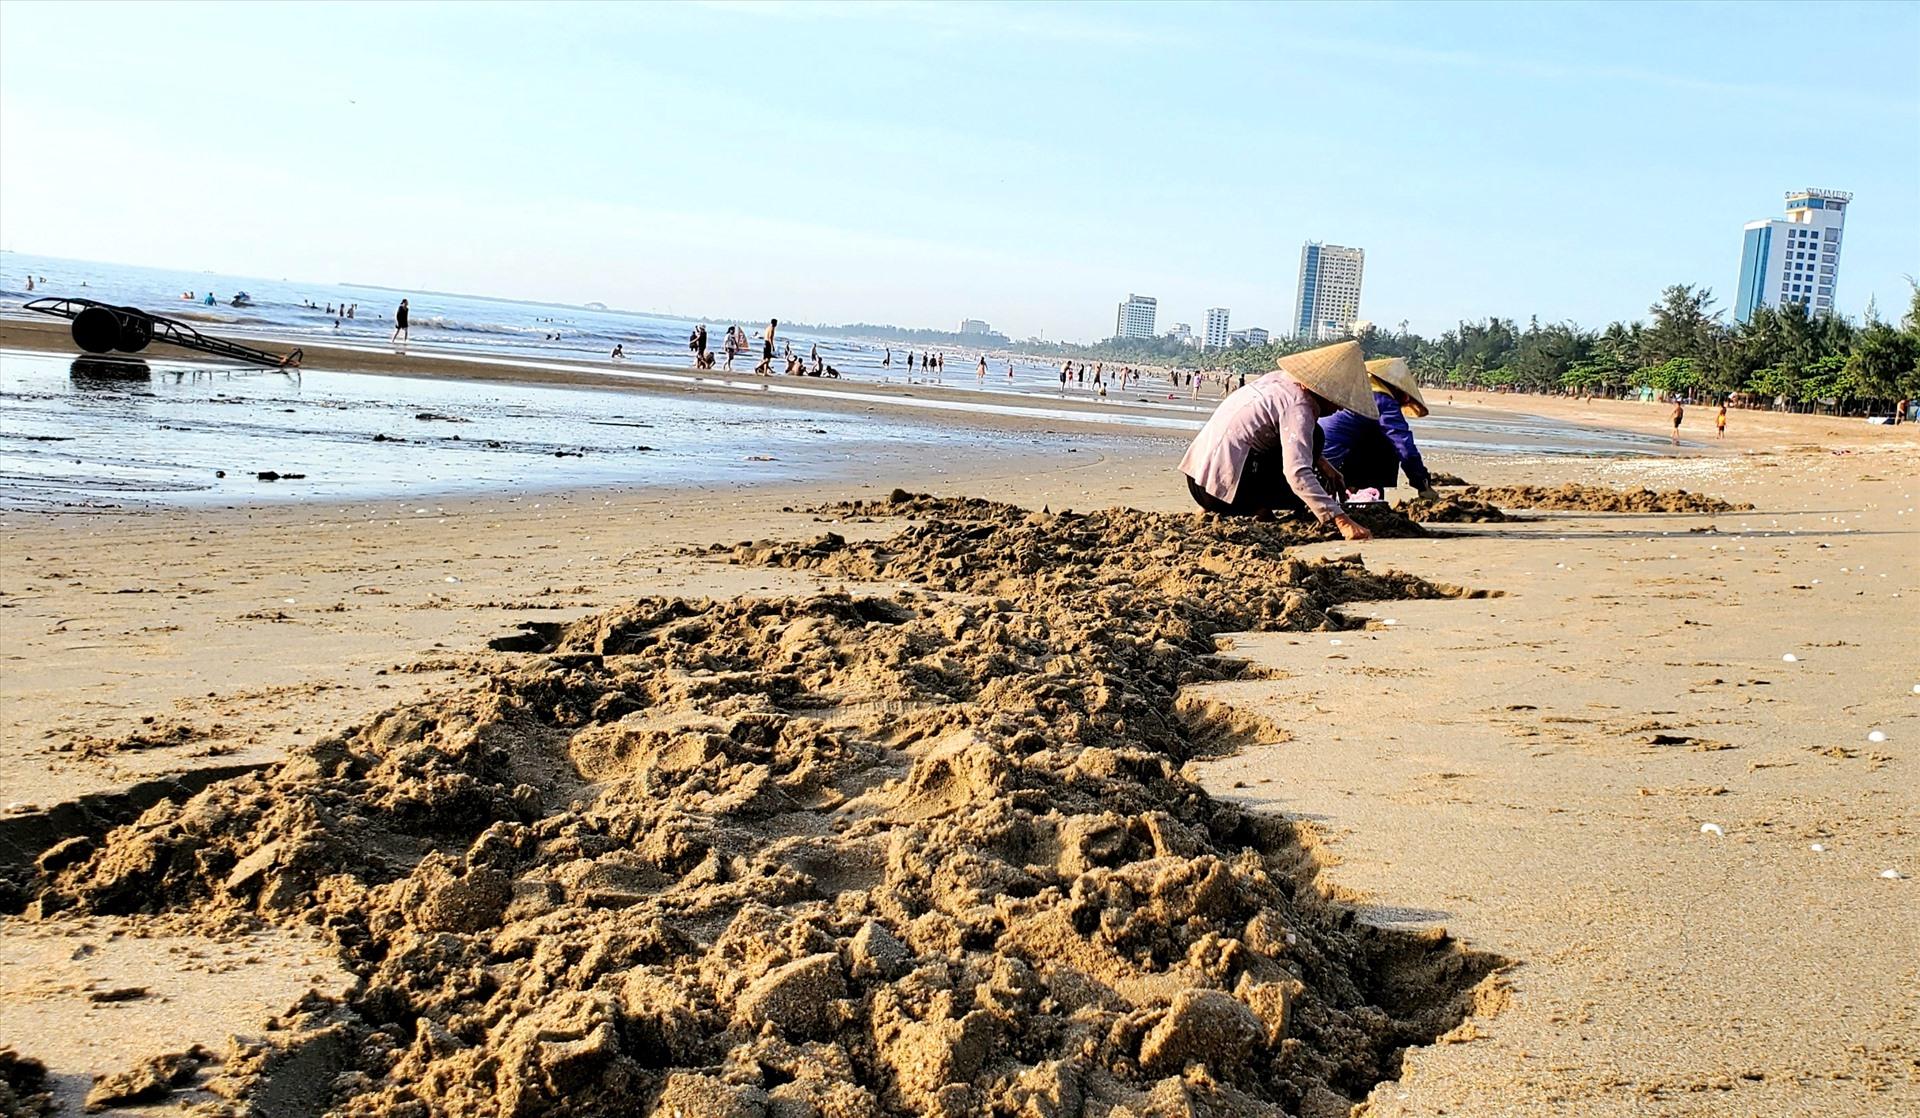 Những con Ngao được lấy lên từ dưới cát trên bãi biển. Ảnh: Lê Phi Long